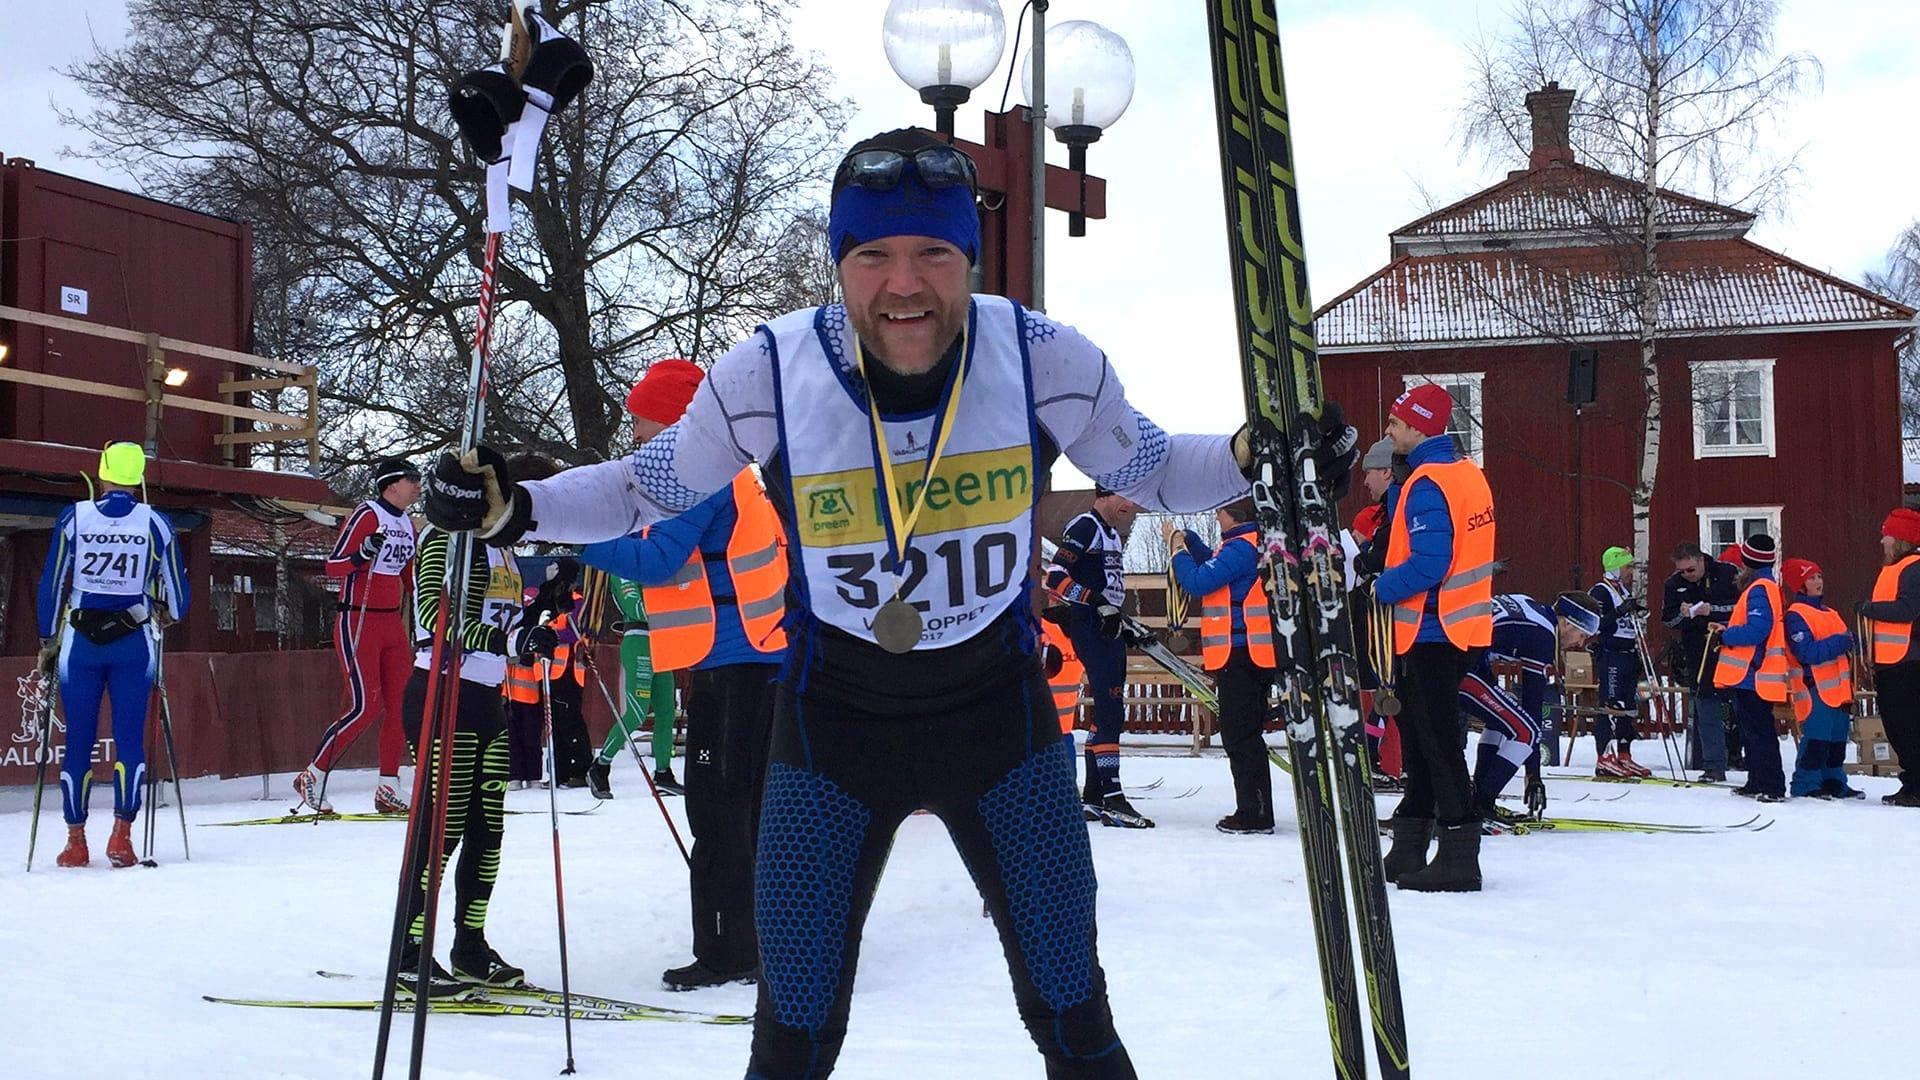 Månadens medlem: Joakim Larsson